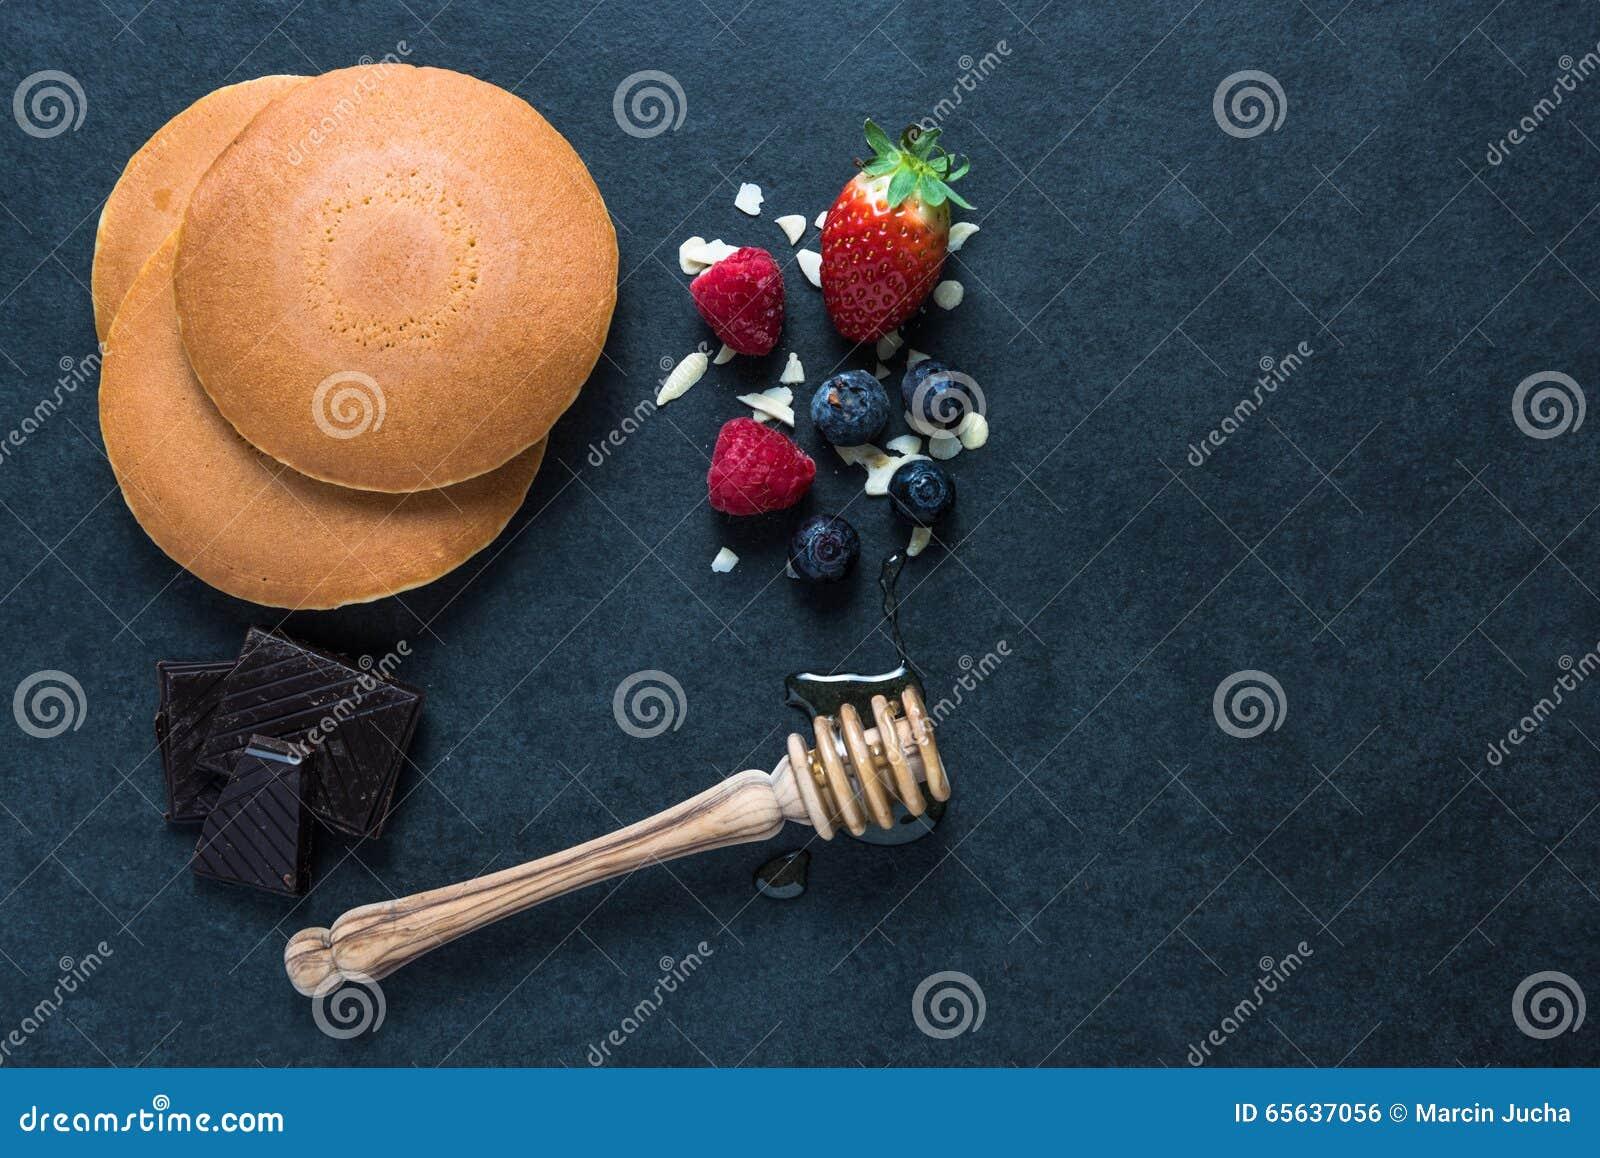 Ingrédients pour des crêpes